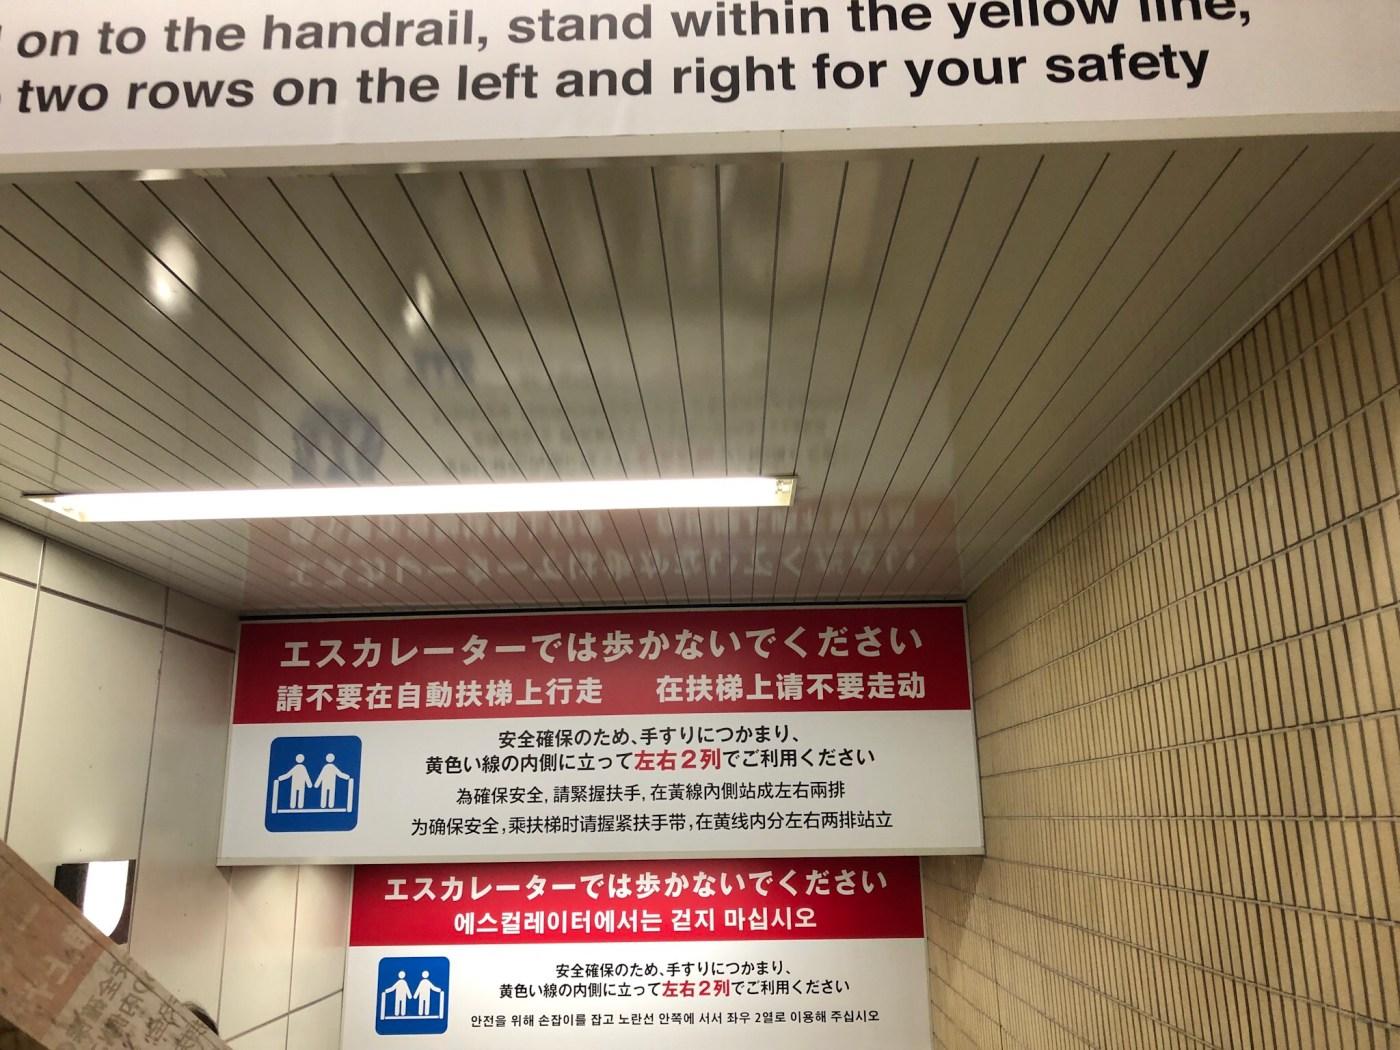 東京駅京葉線ホームに向かうエスカレーター上の「エスカレーターでは歩かないでください」と書かれた看板